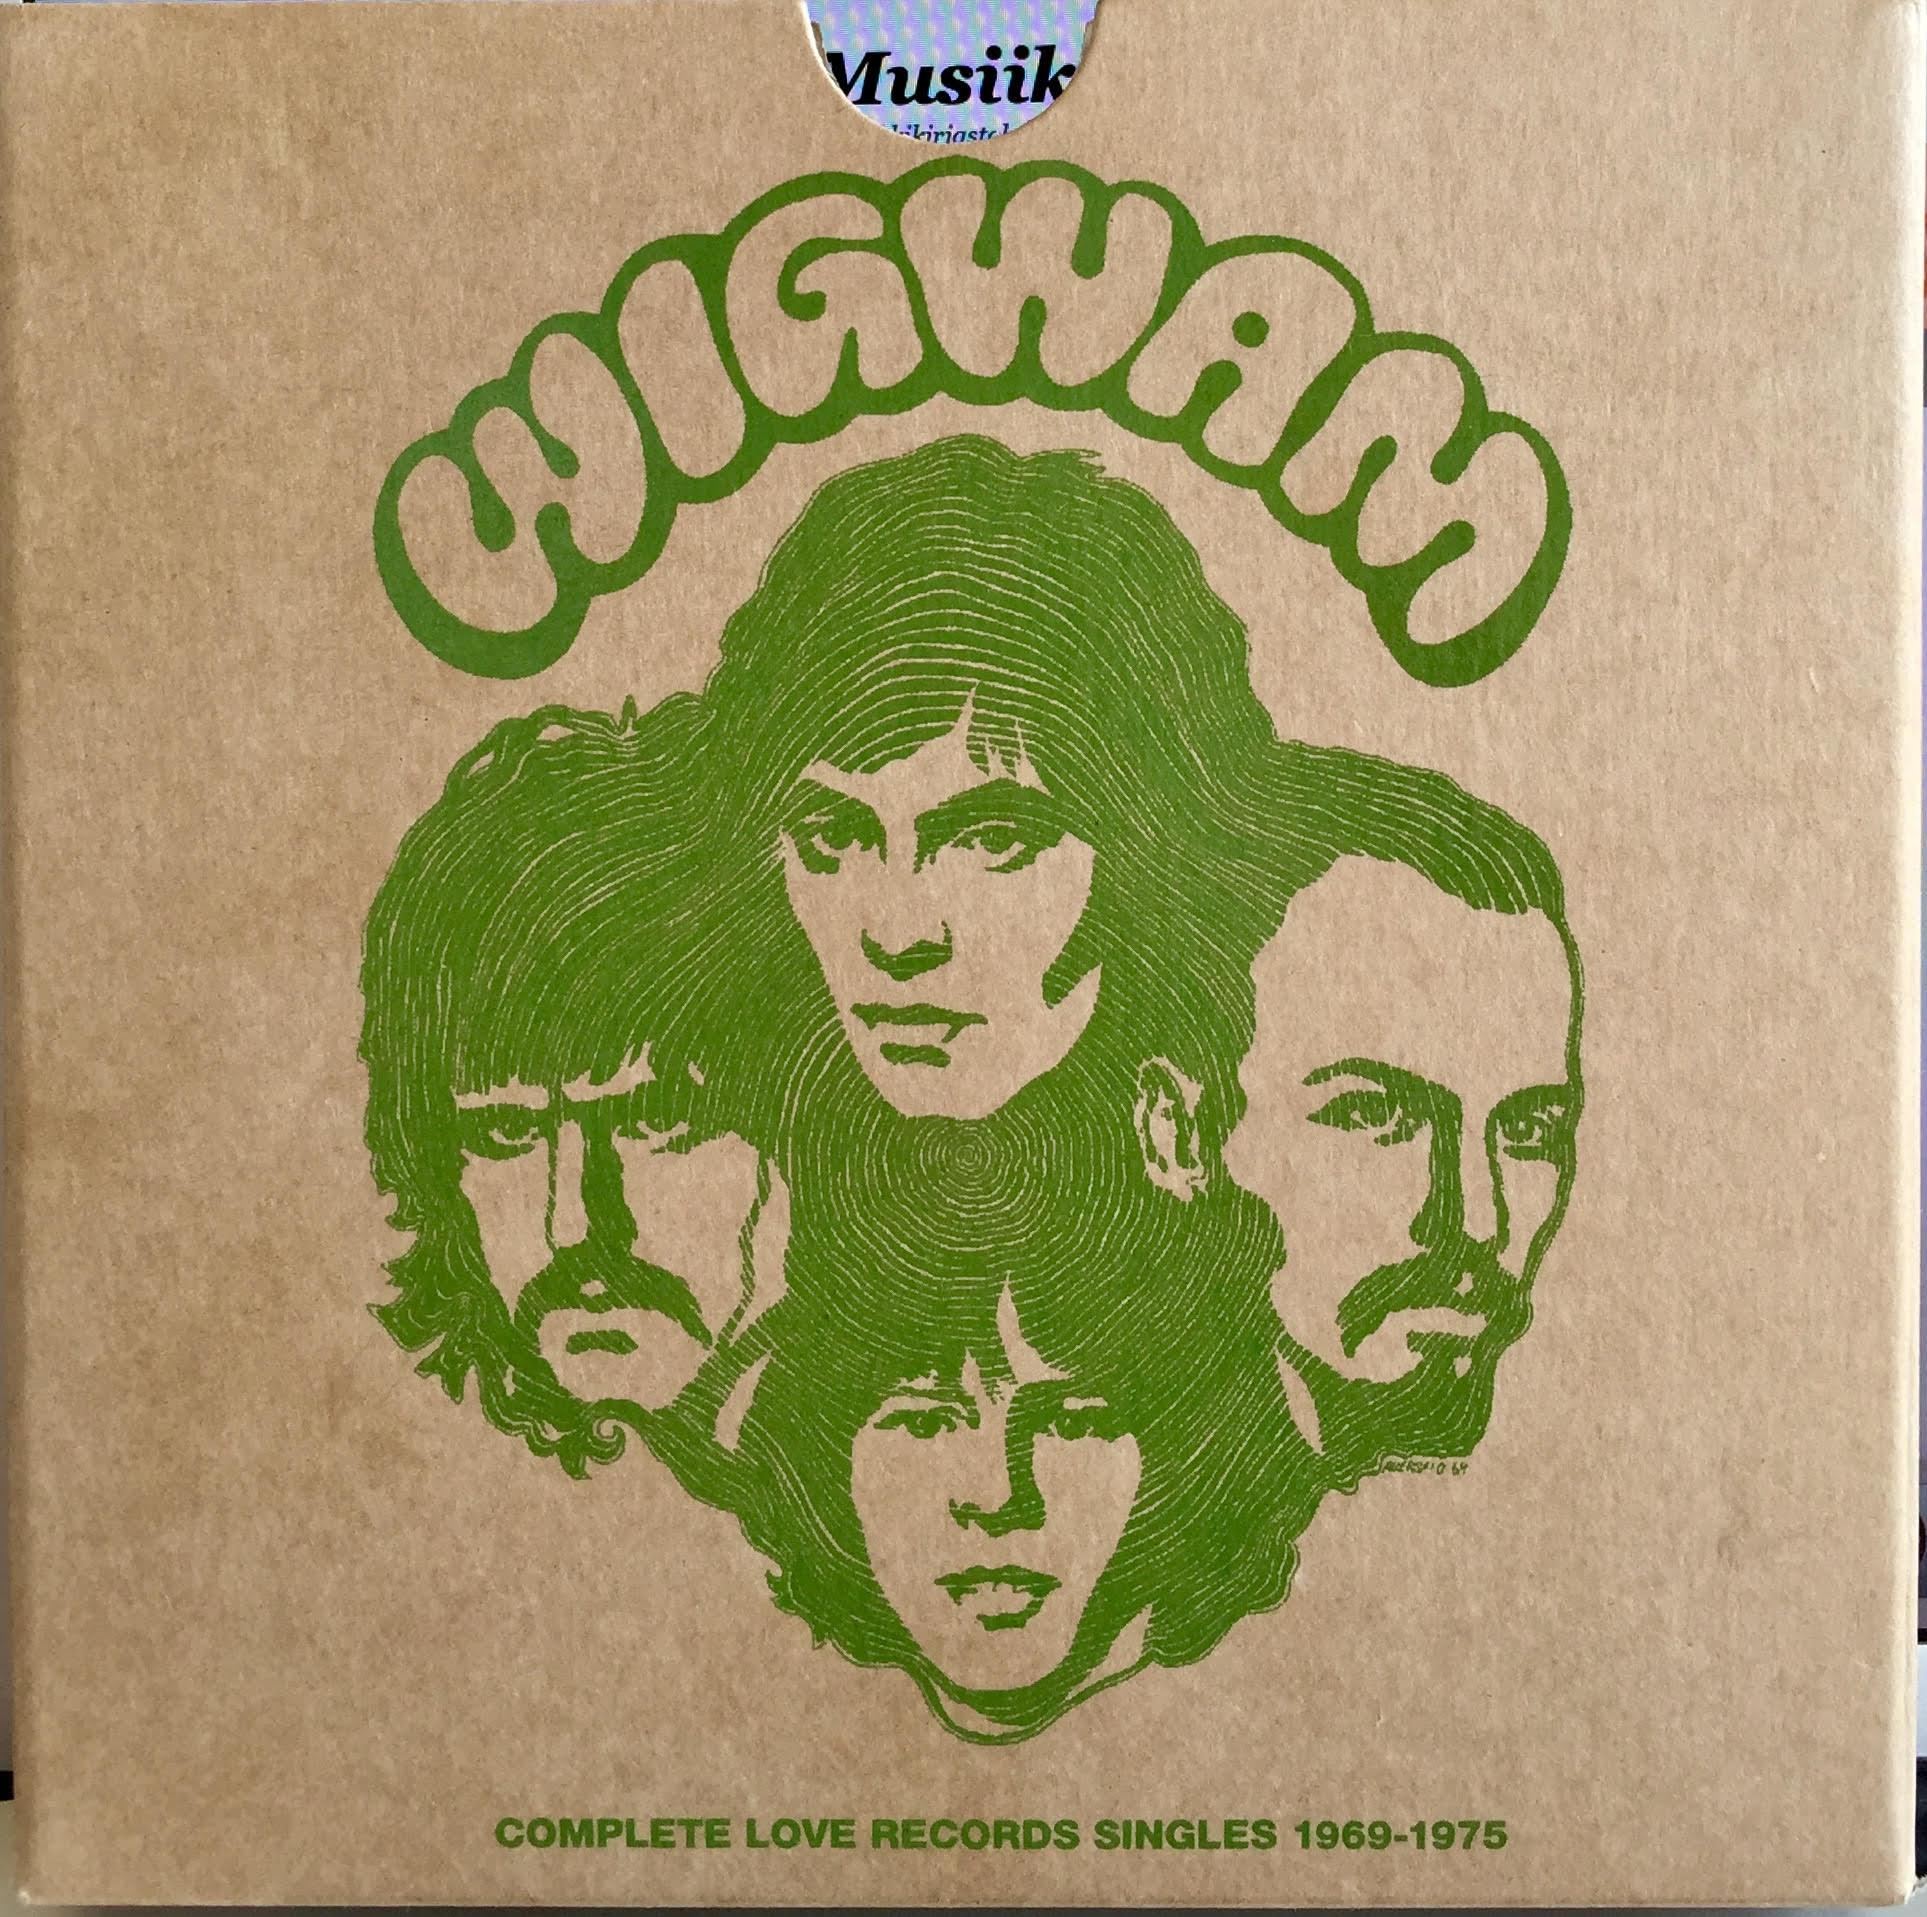 Wigwam-kokoelma 'Compete Love Records Singles 1969–1975' julkaistiin alkuvuodesta 2018. Kuuden singlen boksi sisältää 40-sivuisen liitevihkon ja julisteen.